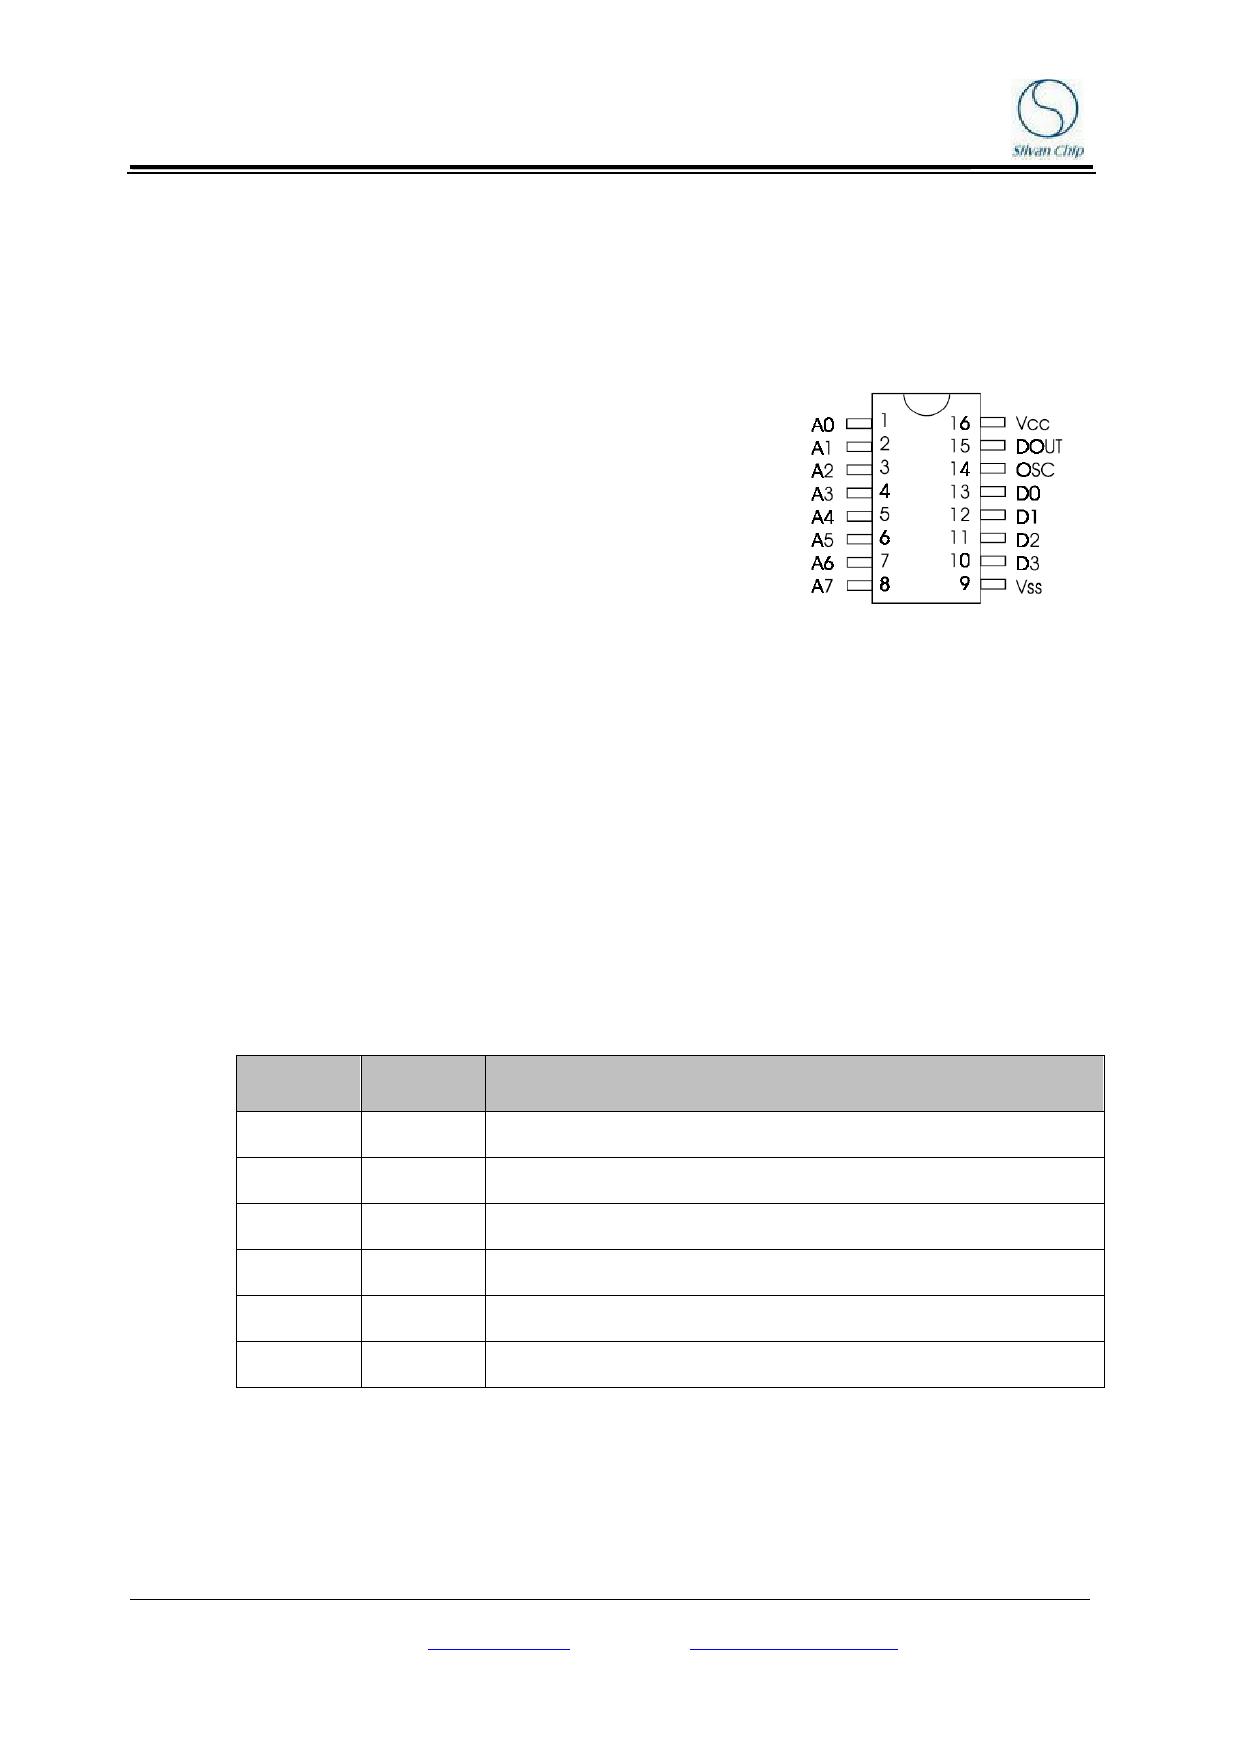 SCT2260 datasheet pinout